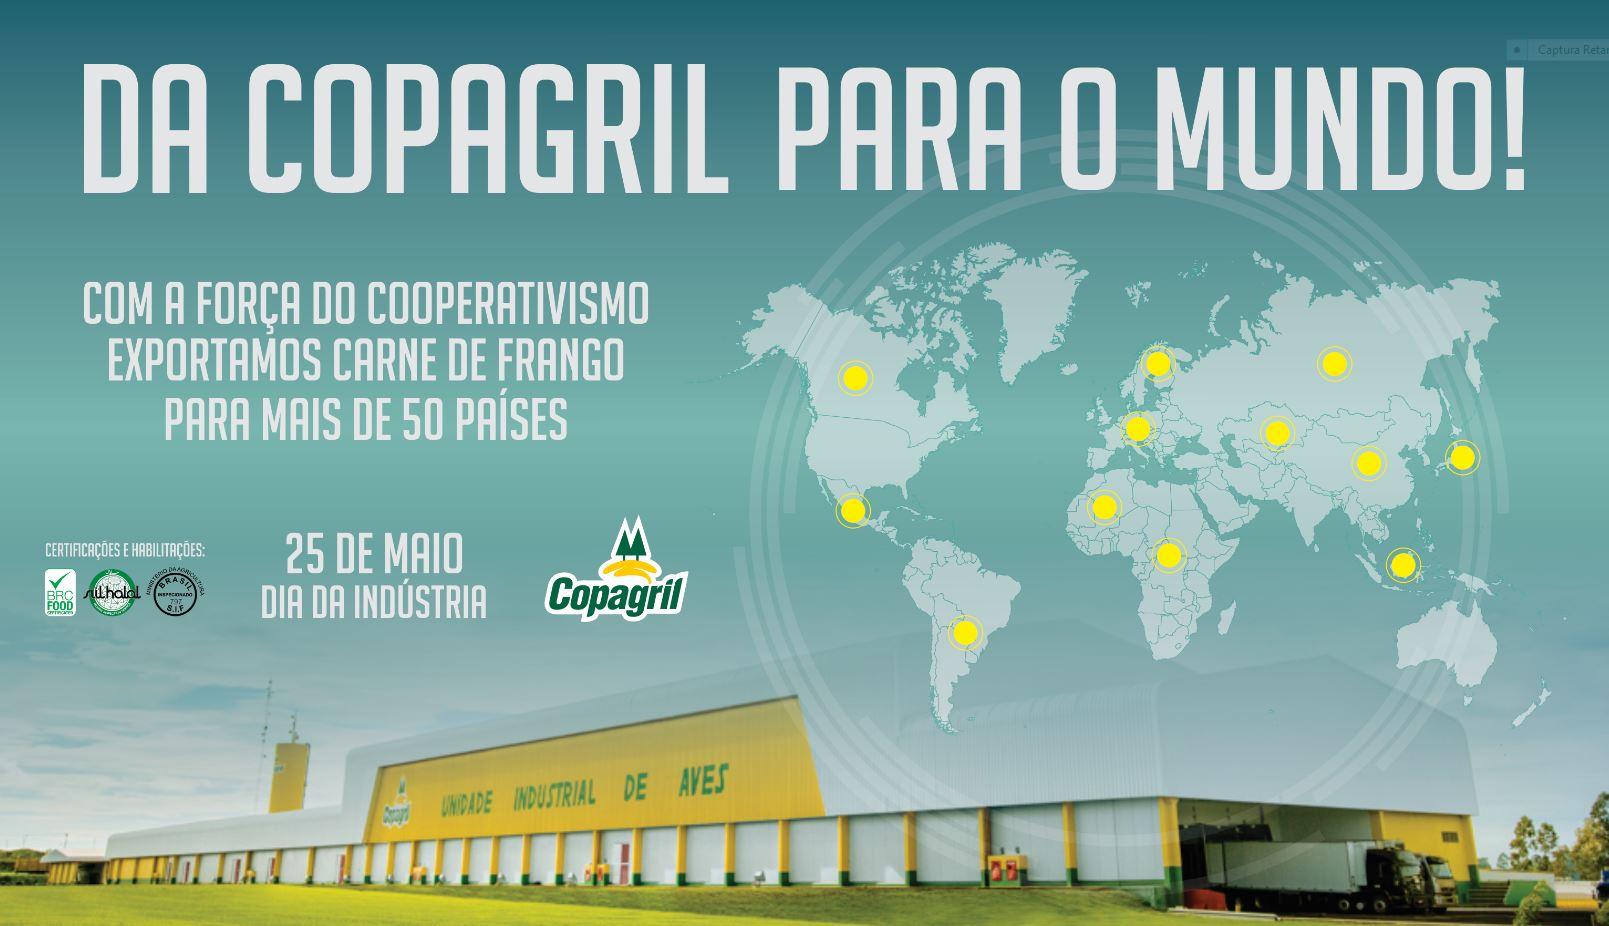 copagril I 27 05 2019